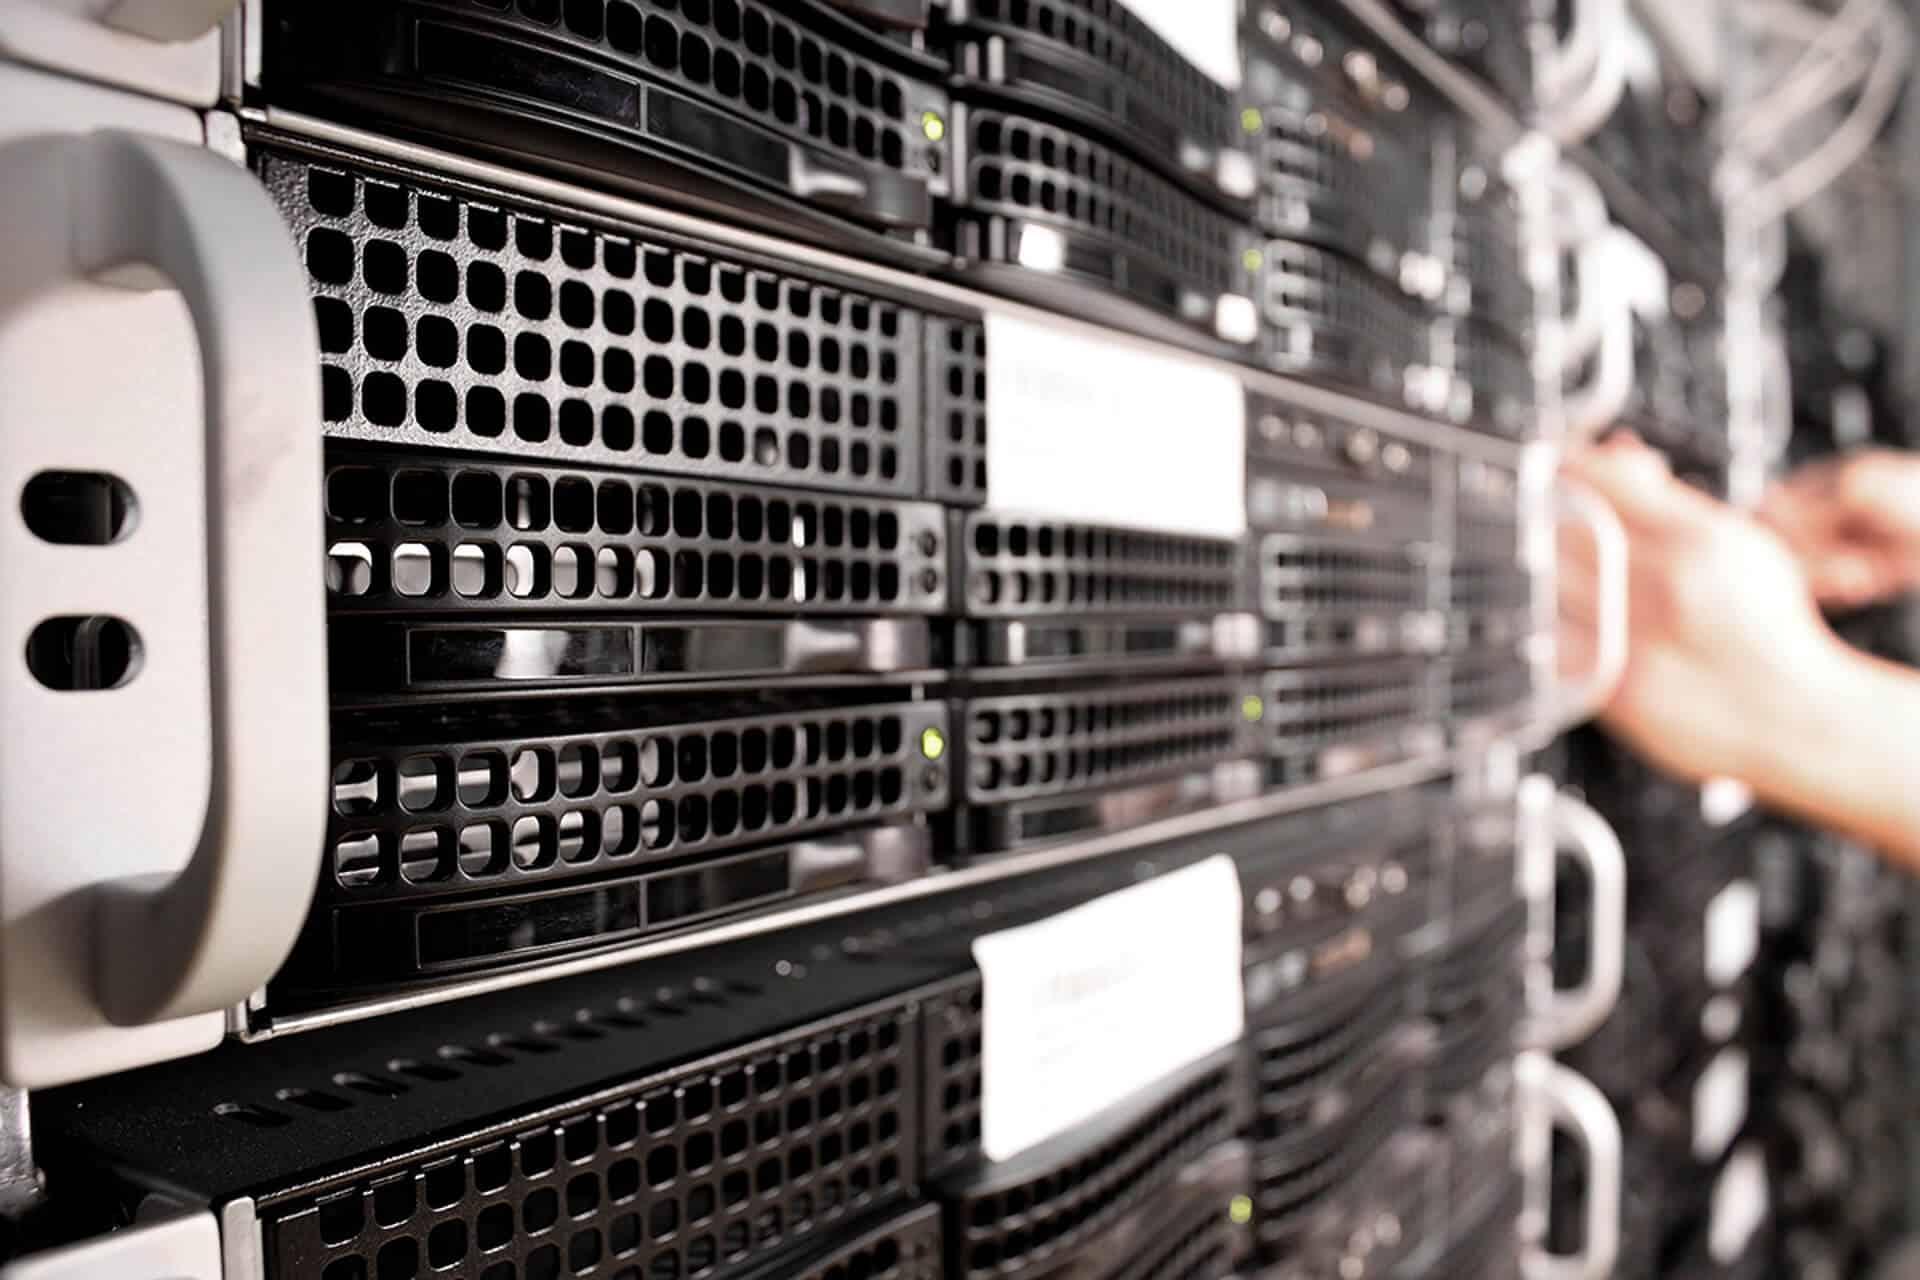 Un serveur de stockage des données web